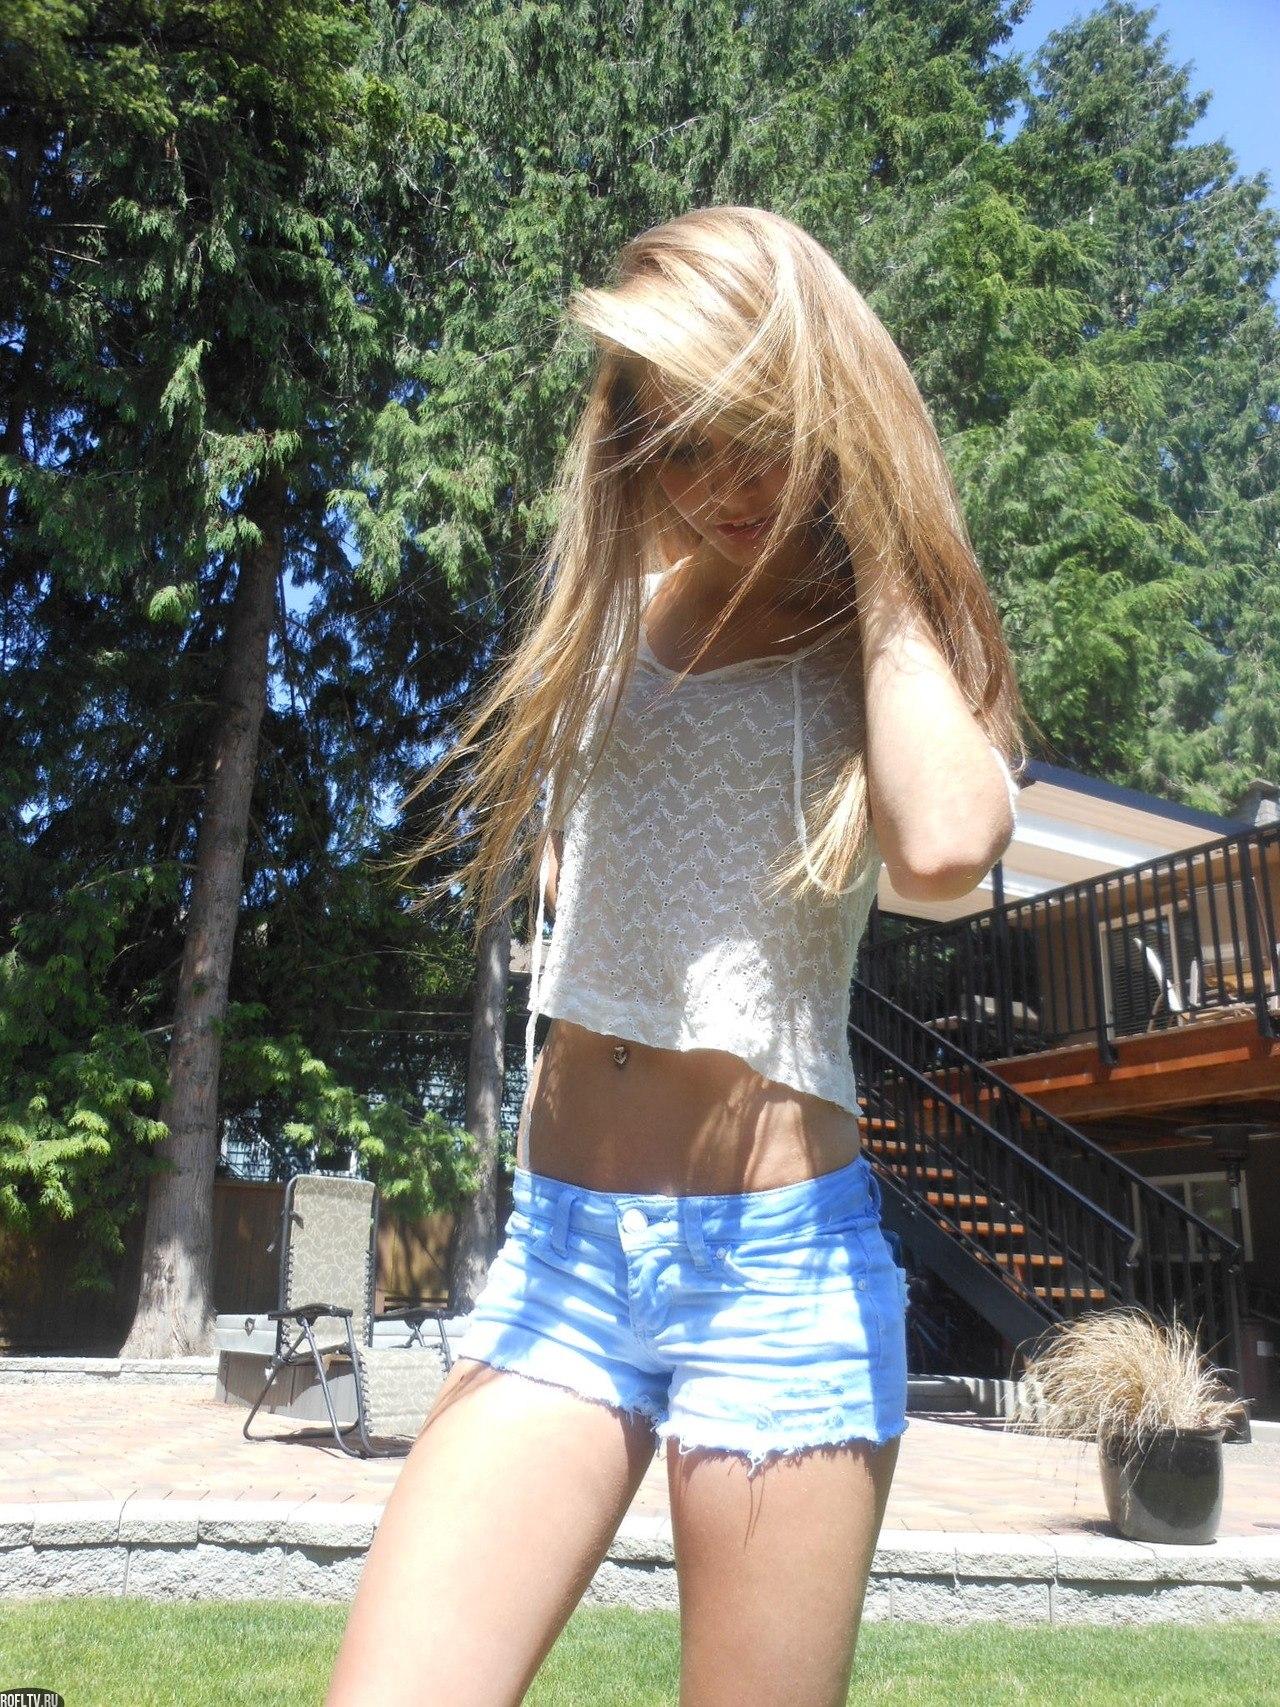 Фото порно подросток девочек 16 фотография